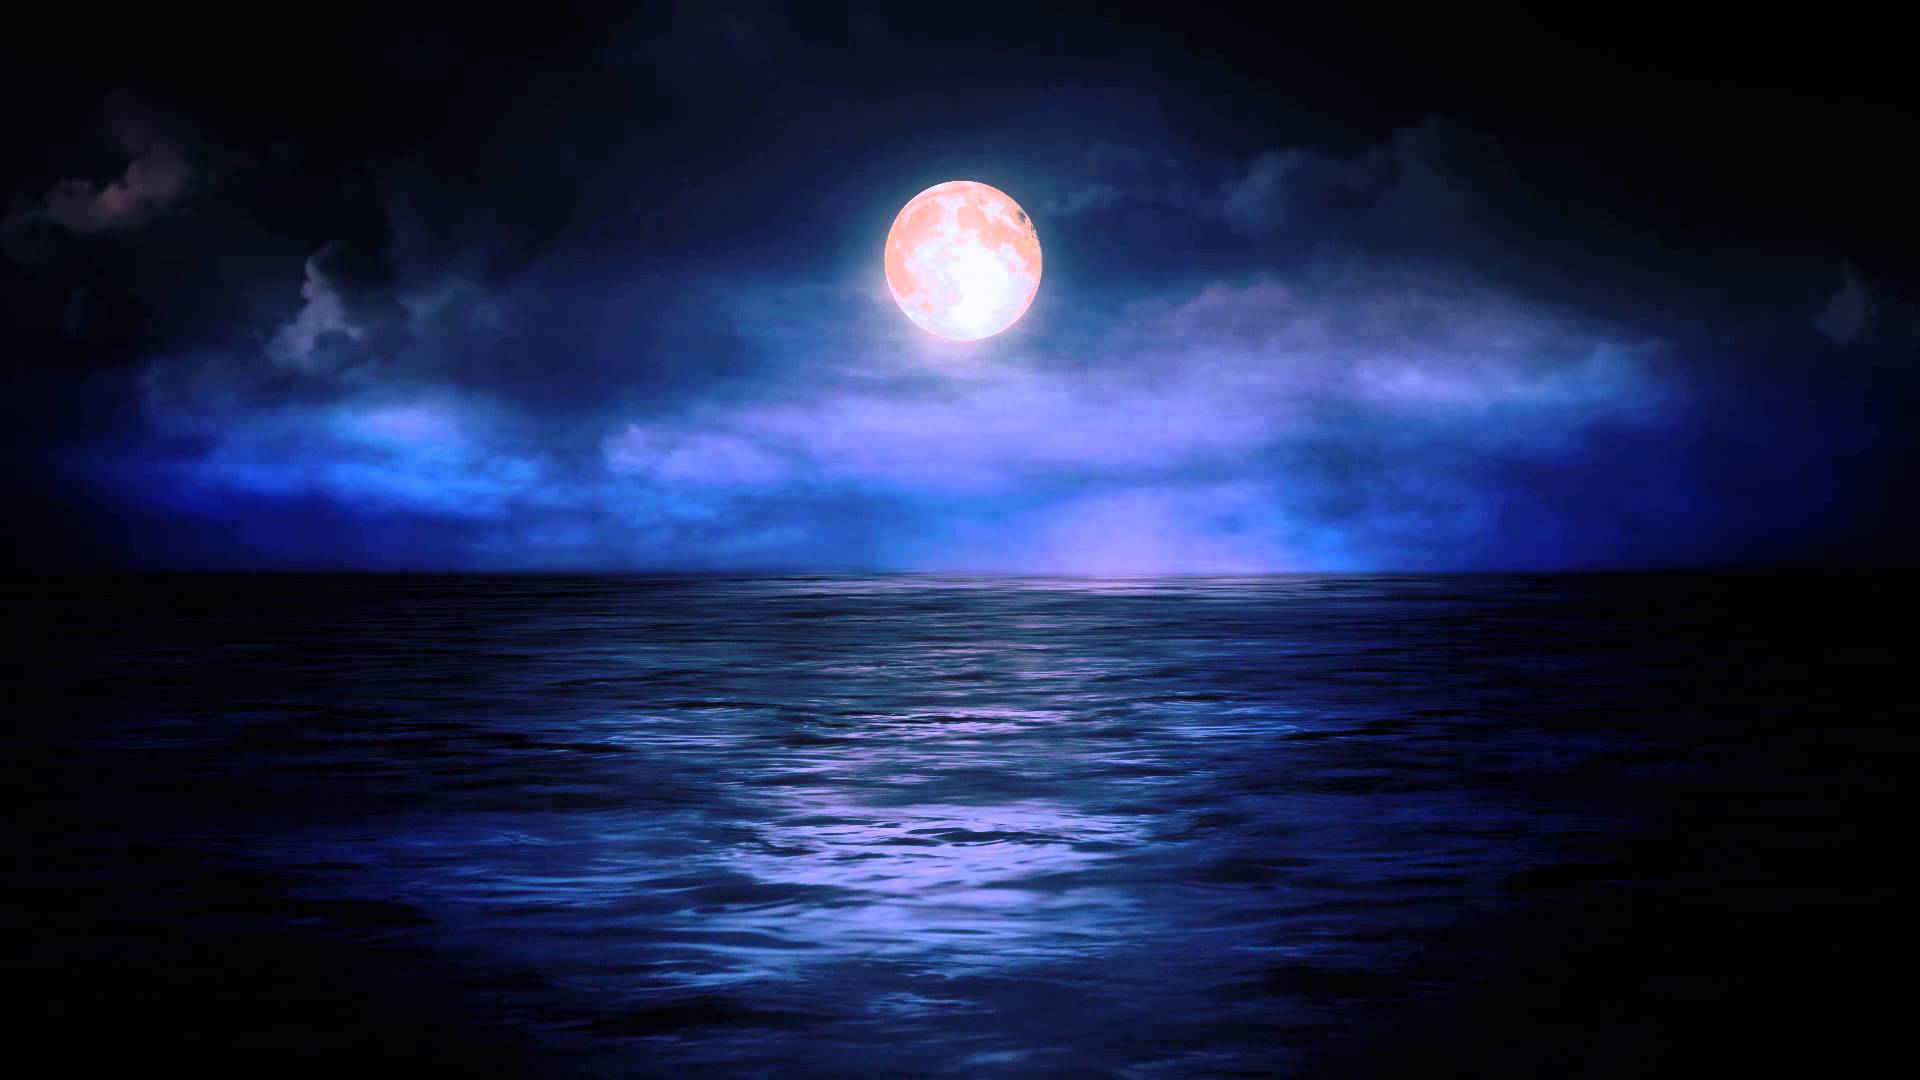 Moon Background Wallpaper 16404   Baltana 1920x1080